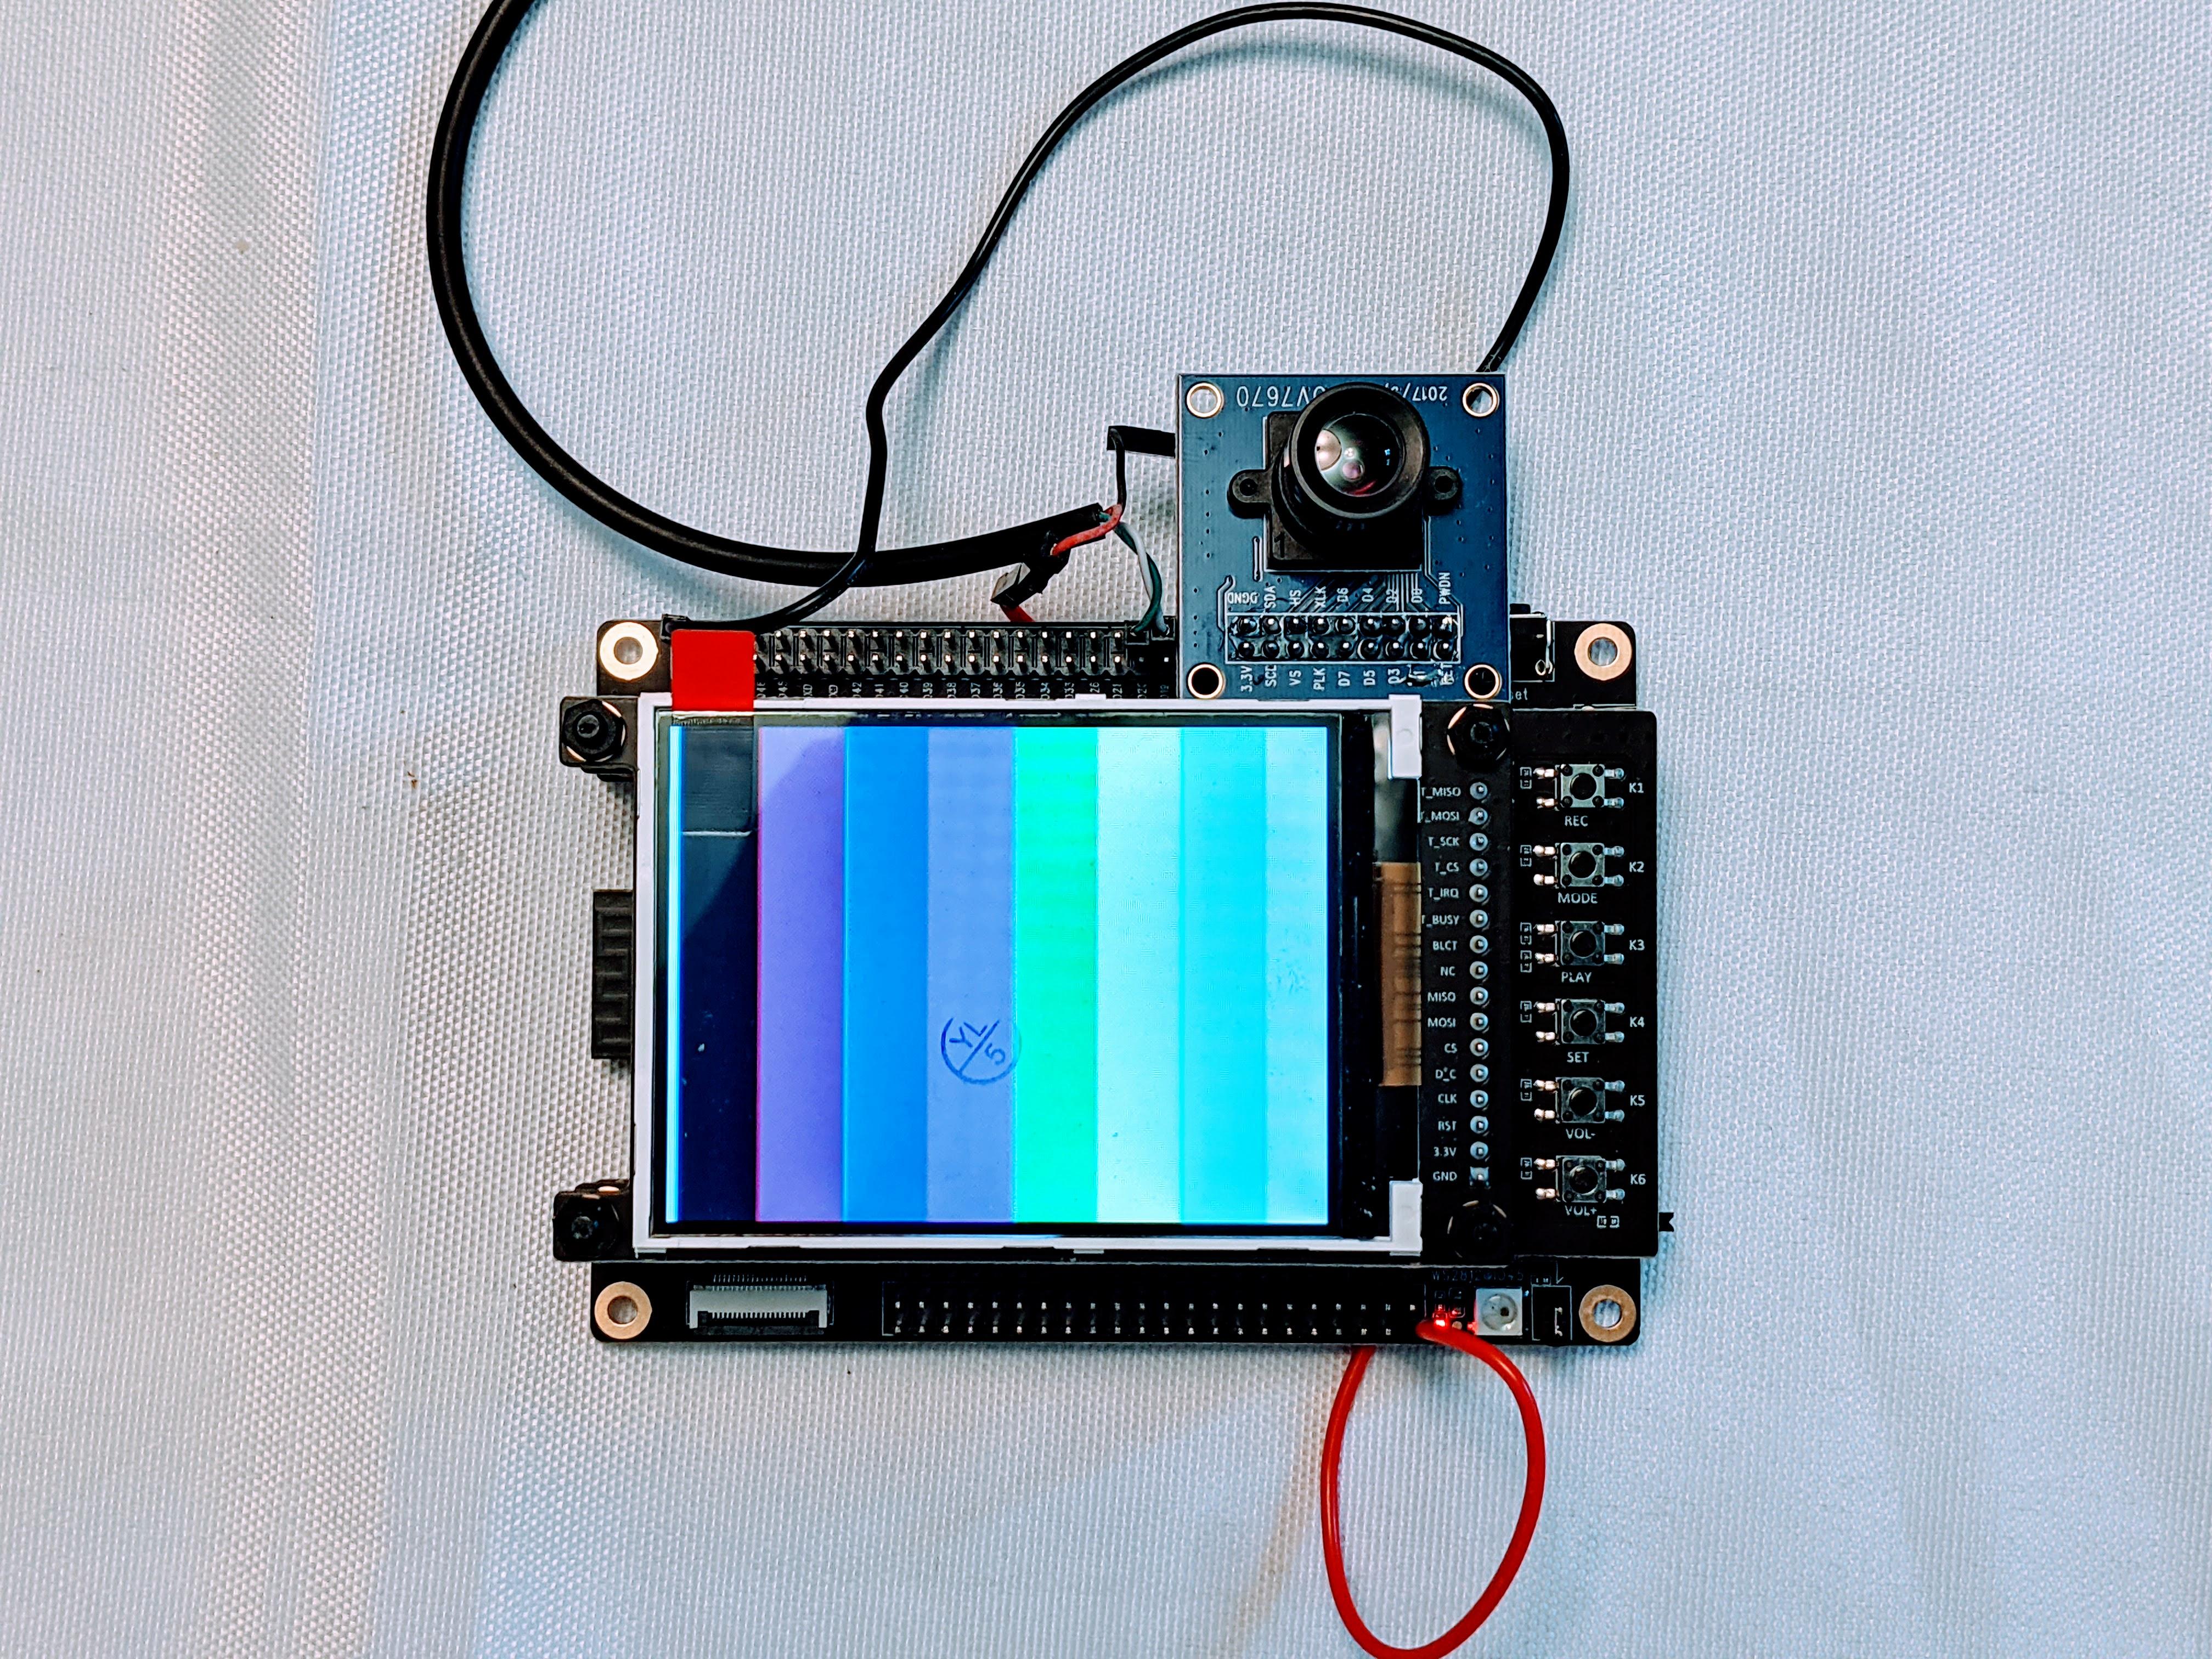 sensors_PXL_20210628_152301697.jpg